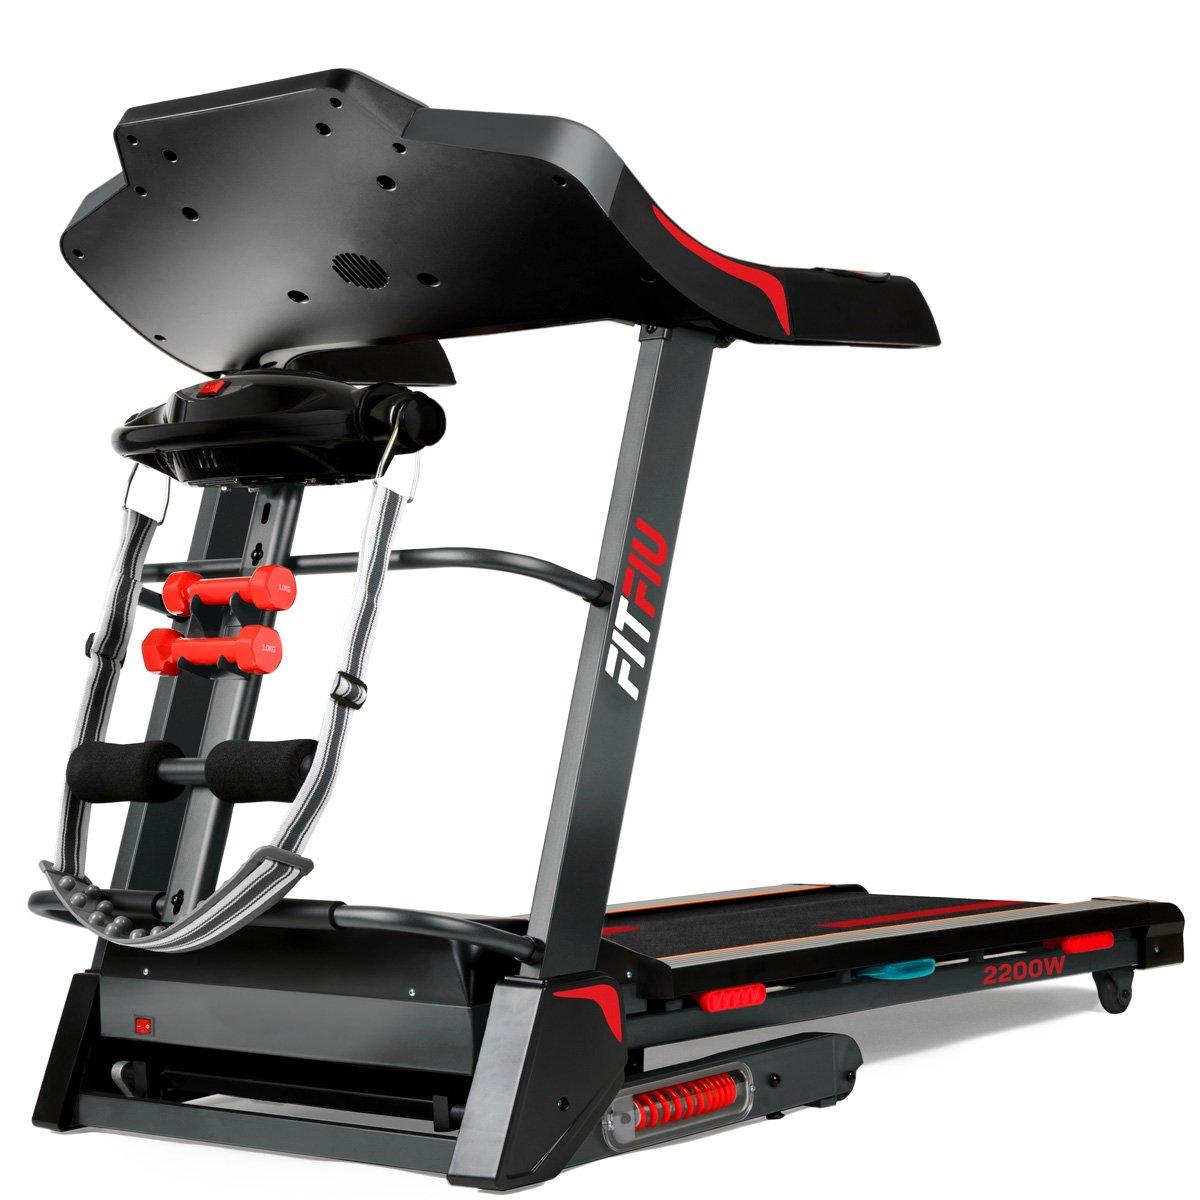 Fitfiu HSM-MT12 Cinta de Correr Plegable 2200w máx. 18 km/h con inclinación automática Unisex Adulto, Negro Medium: Amazon.es: Deportes y aire libre